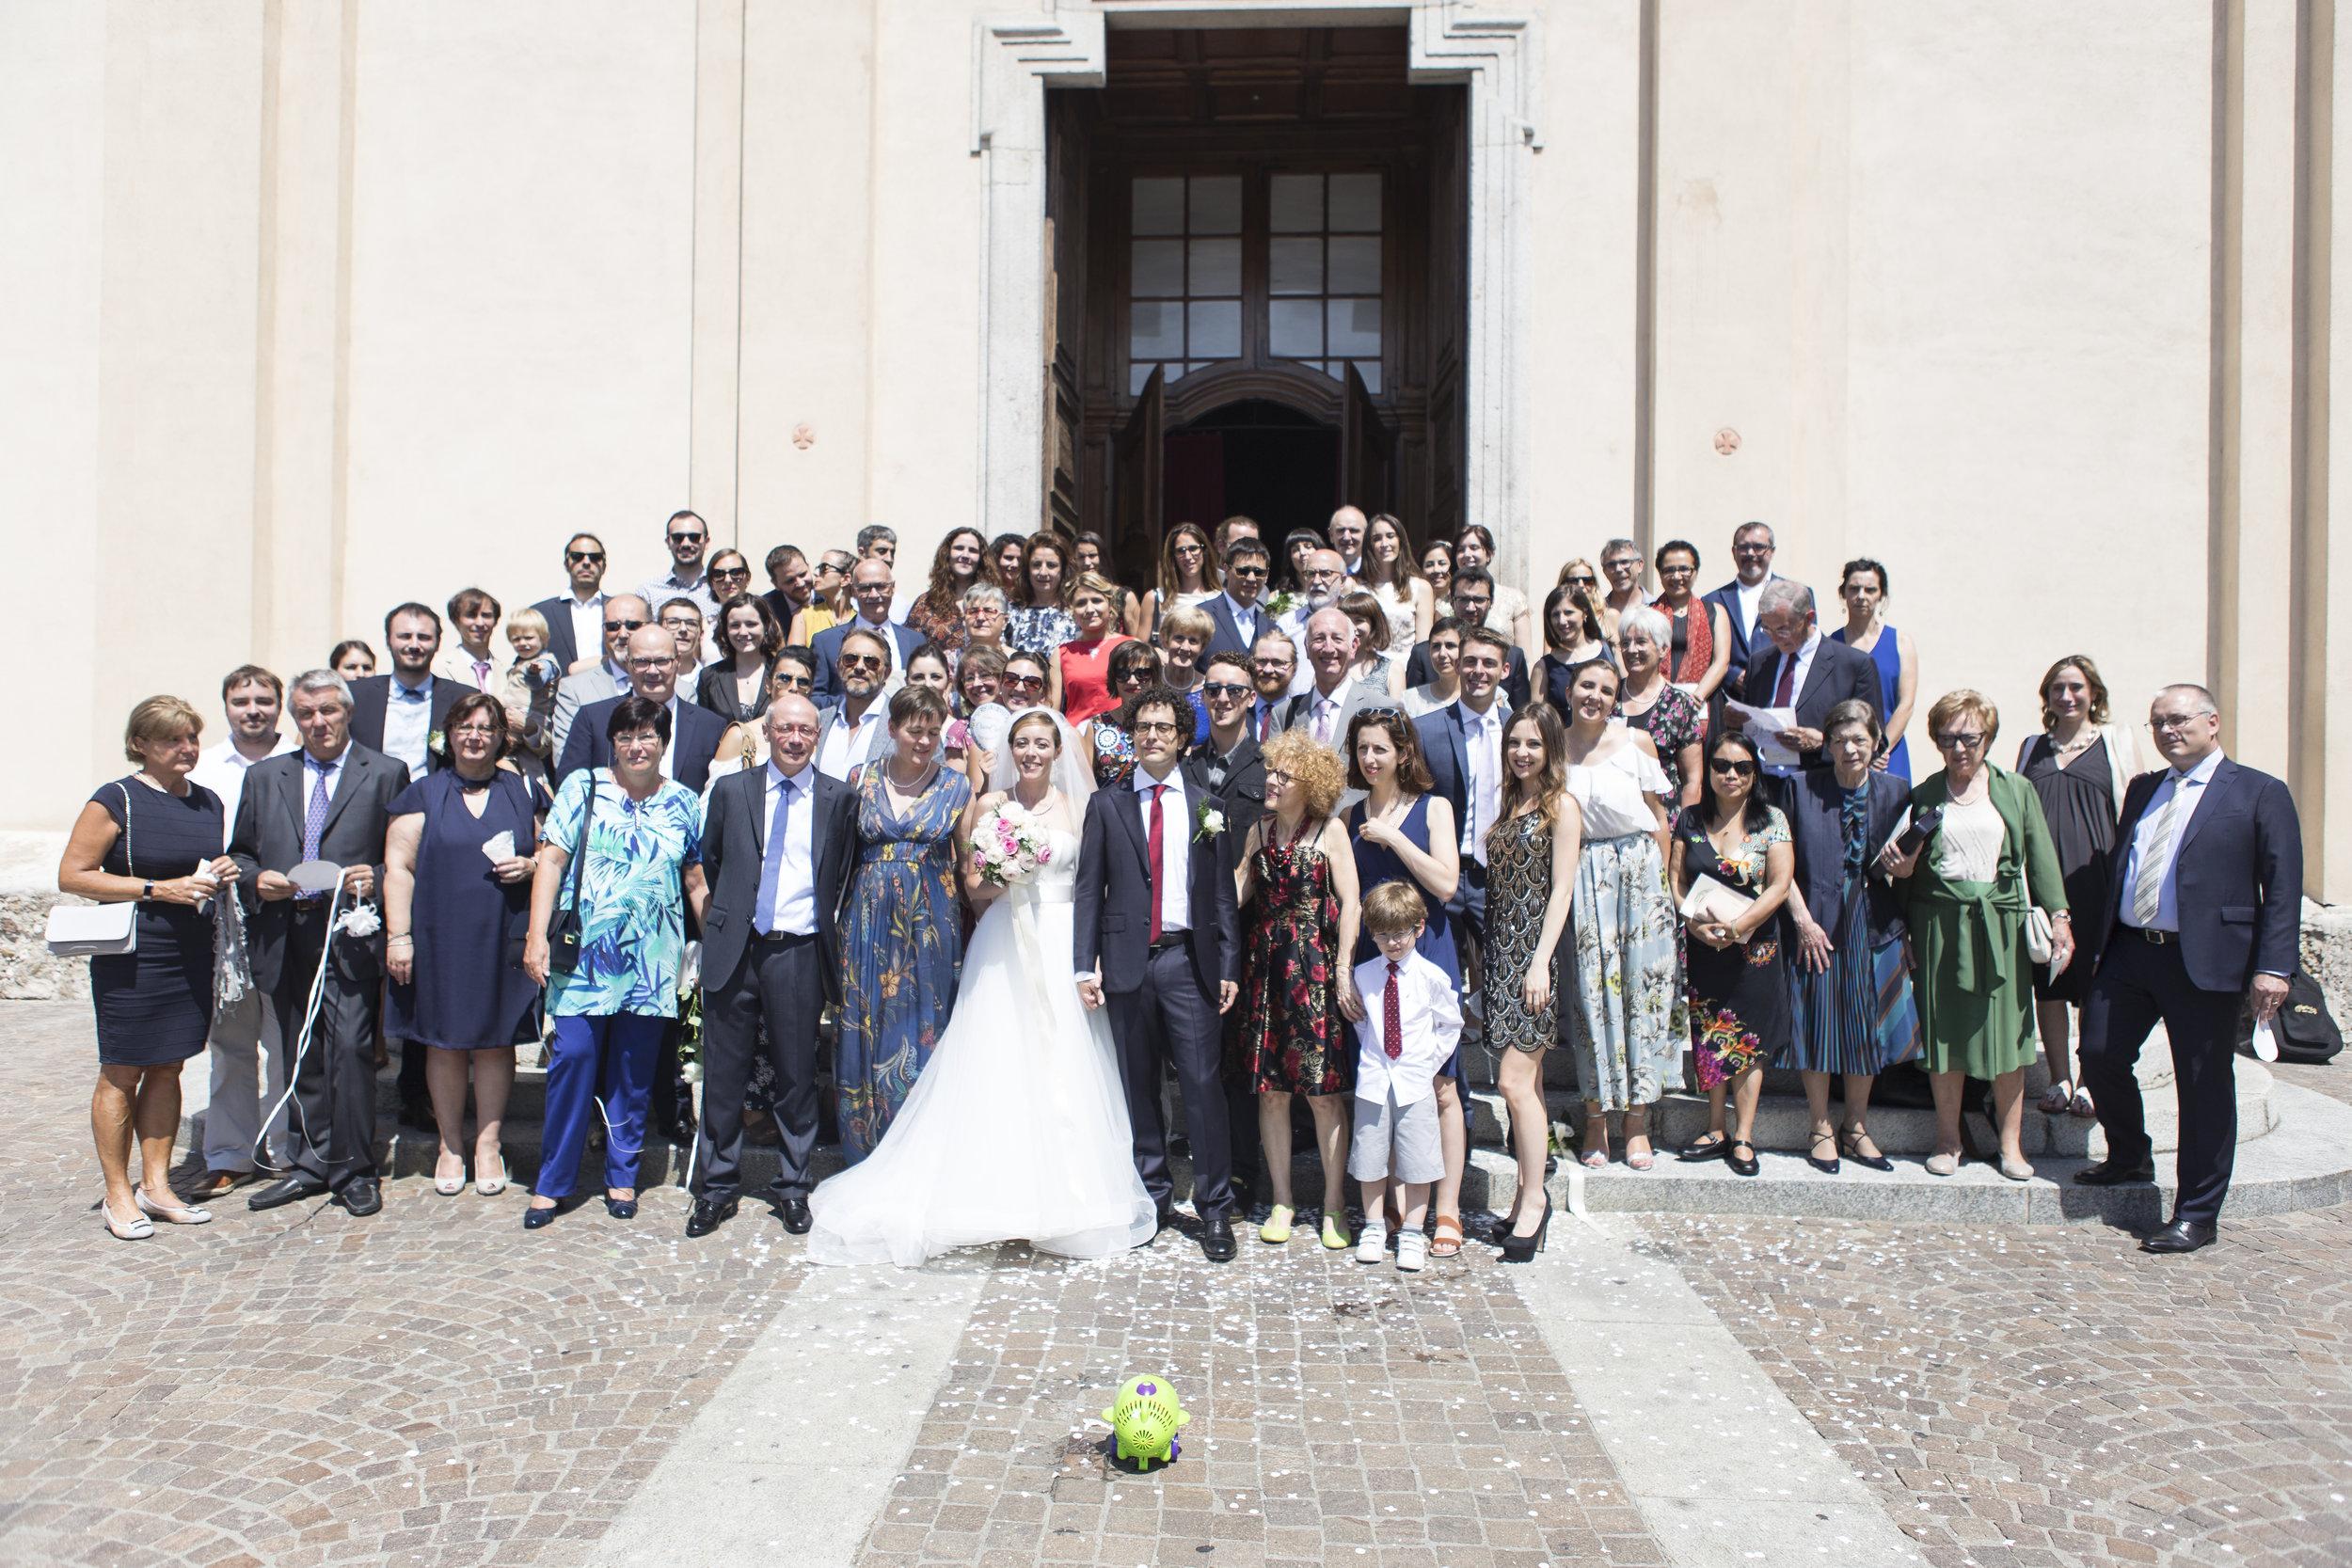 foto invitati matrimonio fotografo cerimonia milano